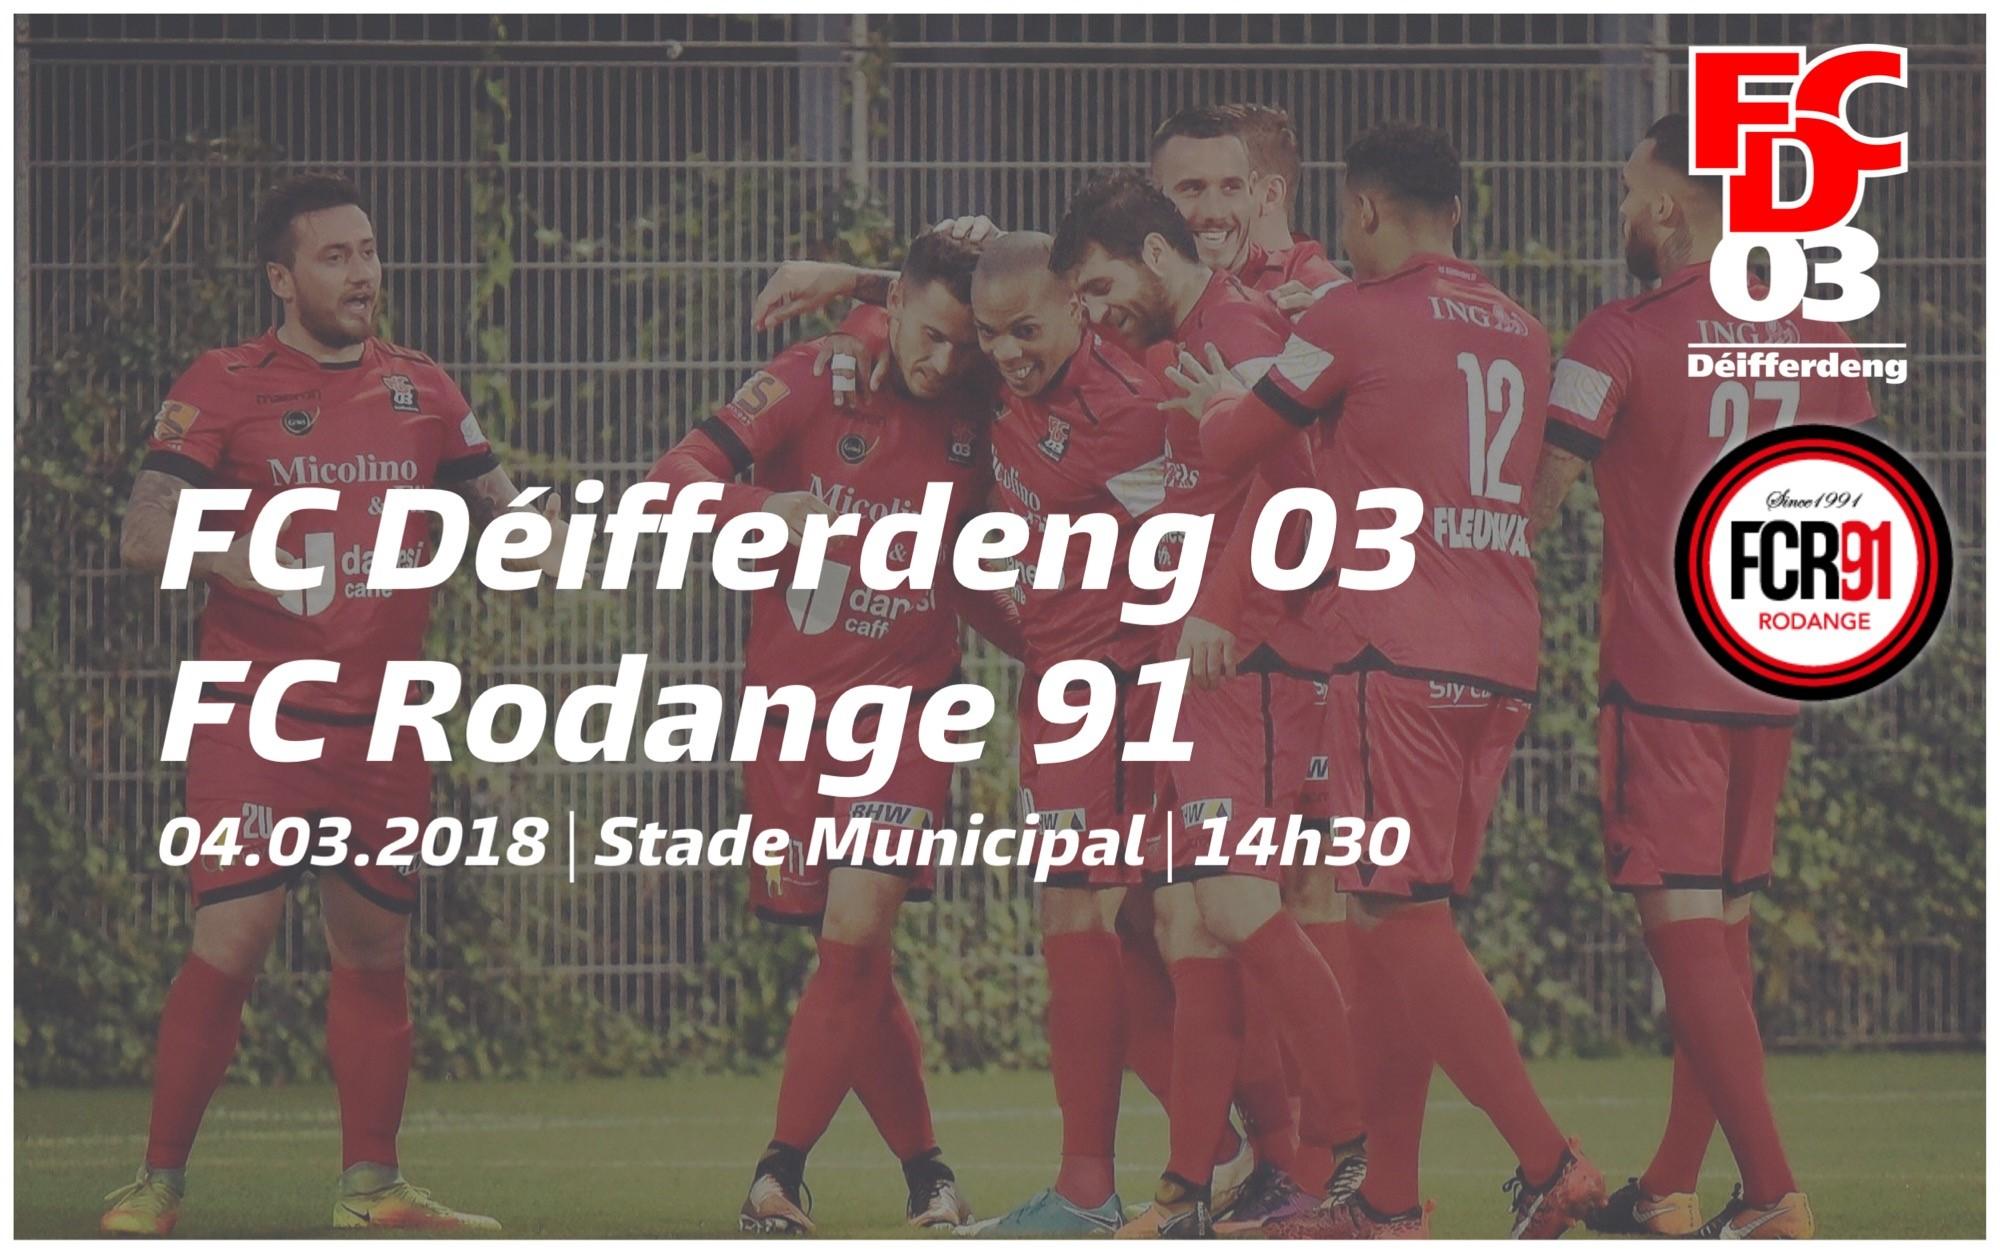 Repas d'avant match FCD03 - FC Rodange